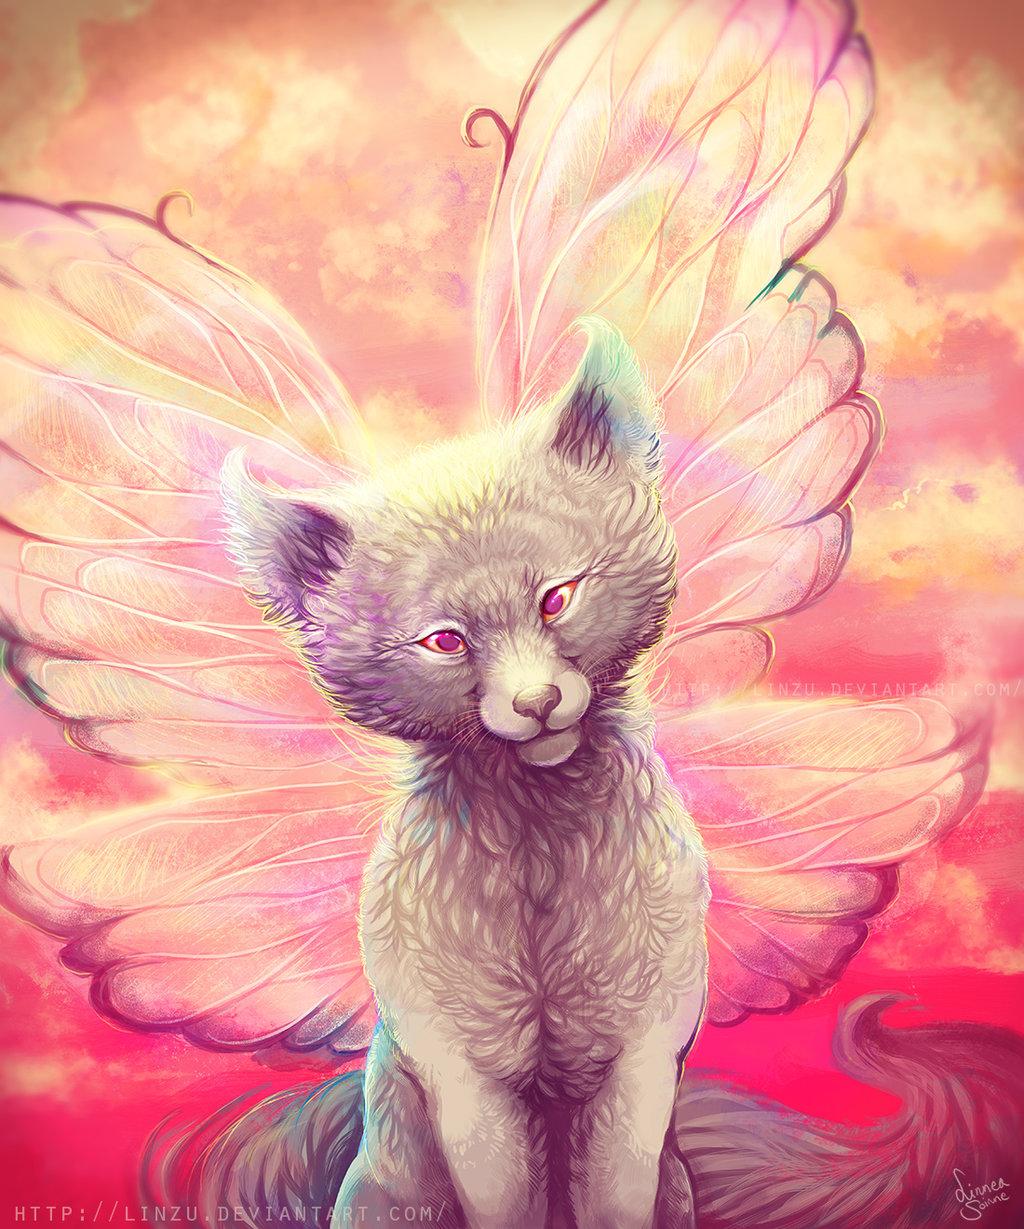 Фото Серый волчонок с крыльями на спине, художница linzu